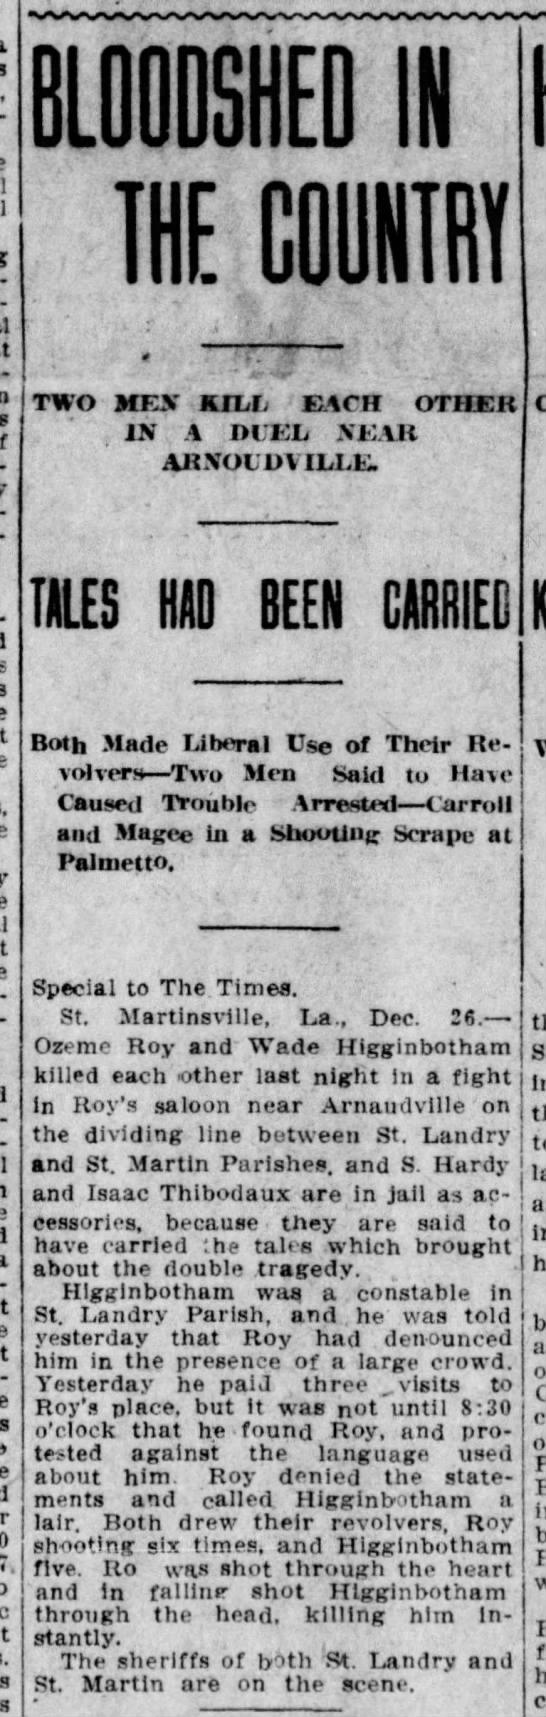 The Times, Shreveport, LA - December 27, 1909